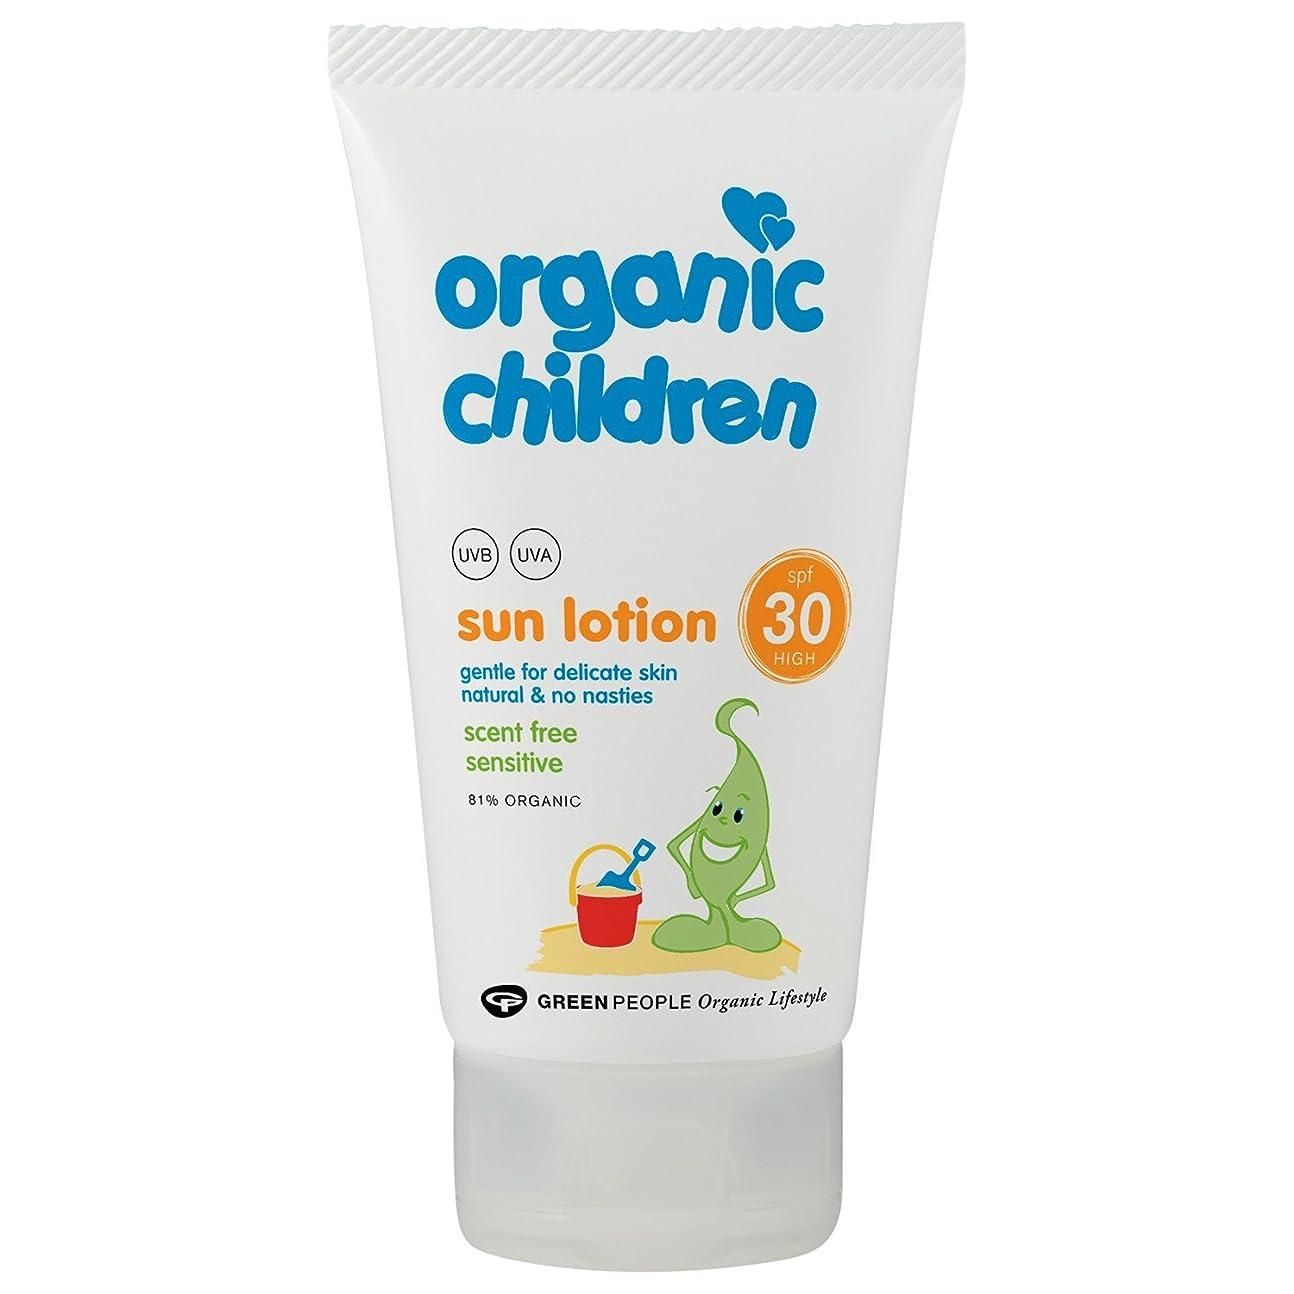 資本公平な一節Organic Children SPF 30 Sun Lotion 150g (Pack of 6) - 有機子どもたちは30日のローション150グラムを x6 [並行輸入品]